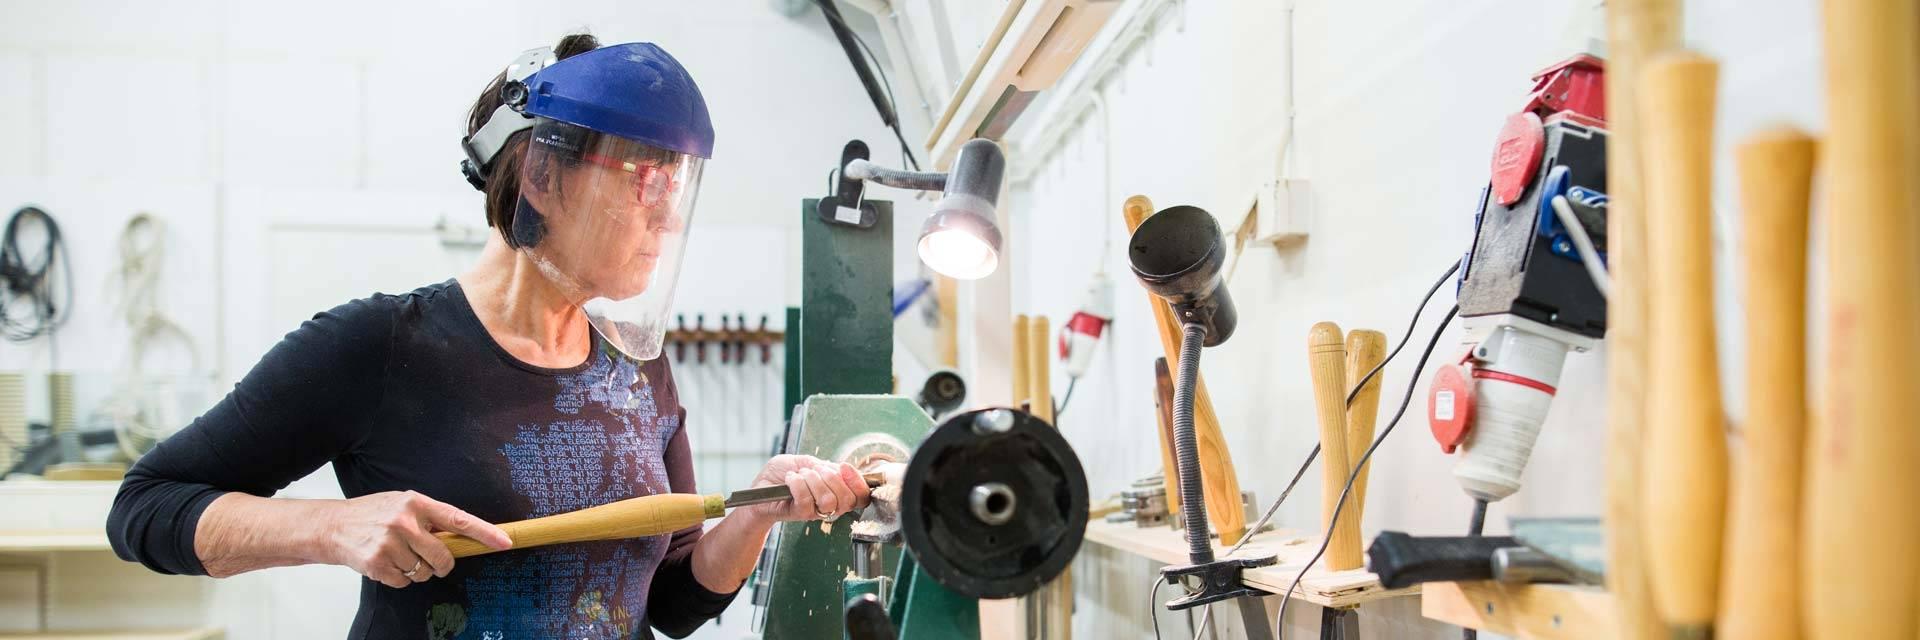 Nainen tekee puutöitä Valkeakoskiopiston kurssilla